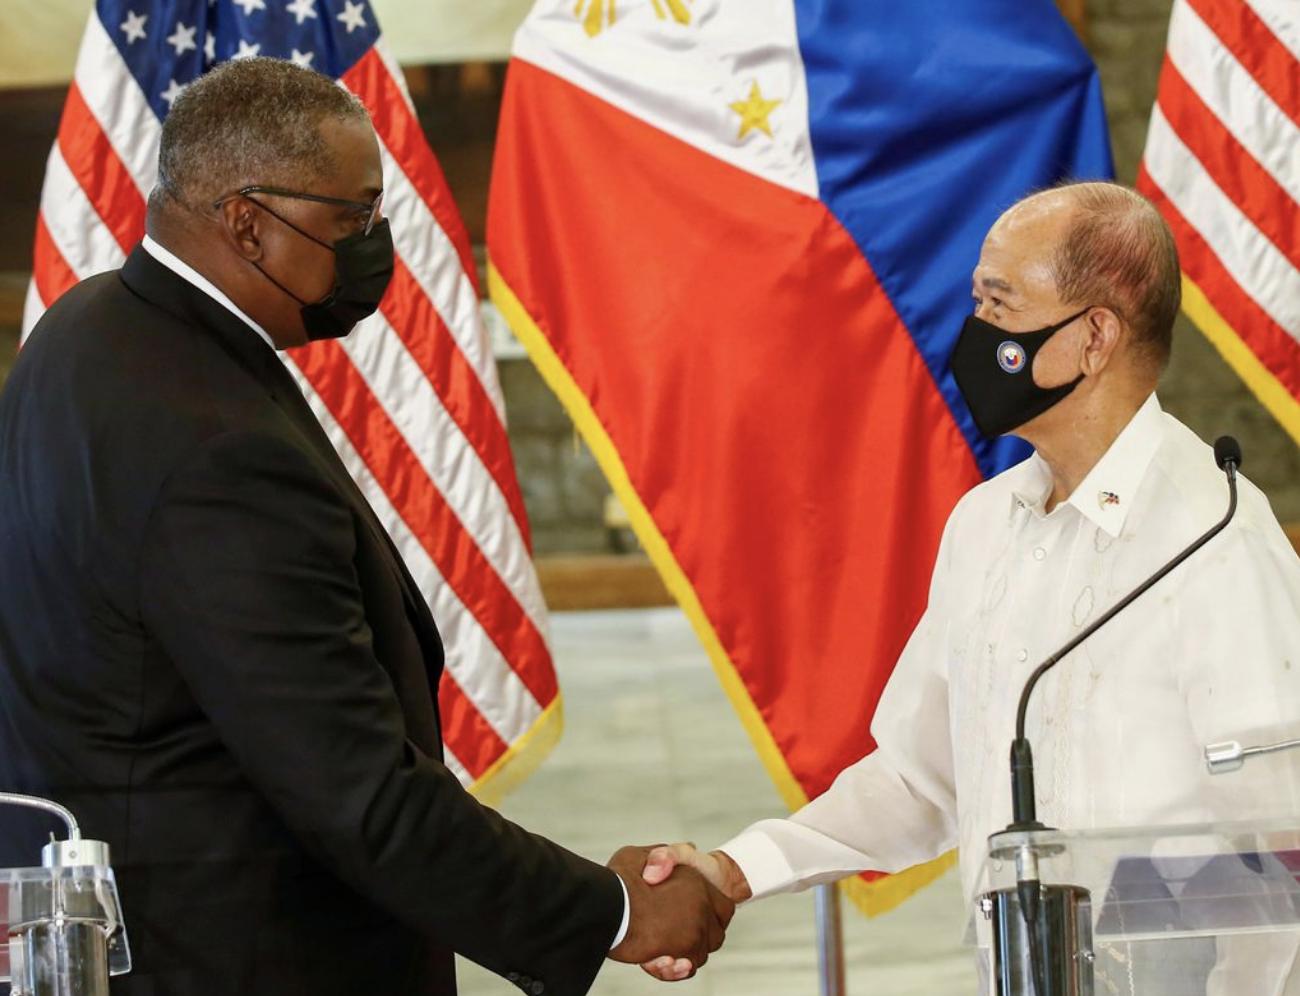 菲律宾意欲升级《美、菲协防条约》_图1-1